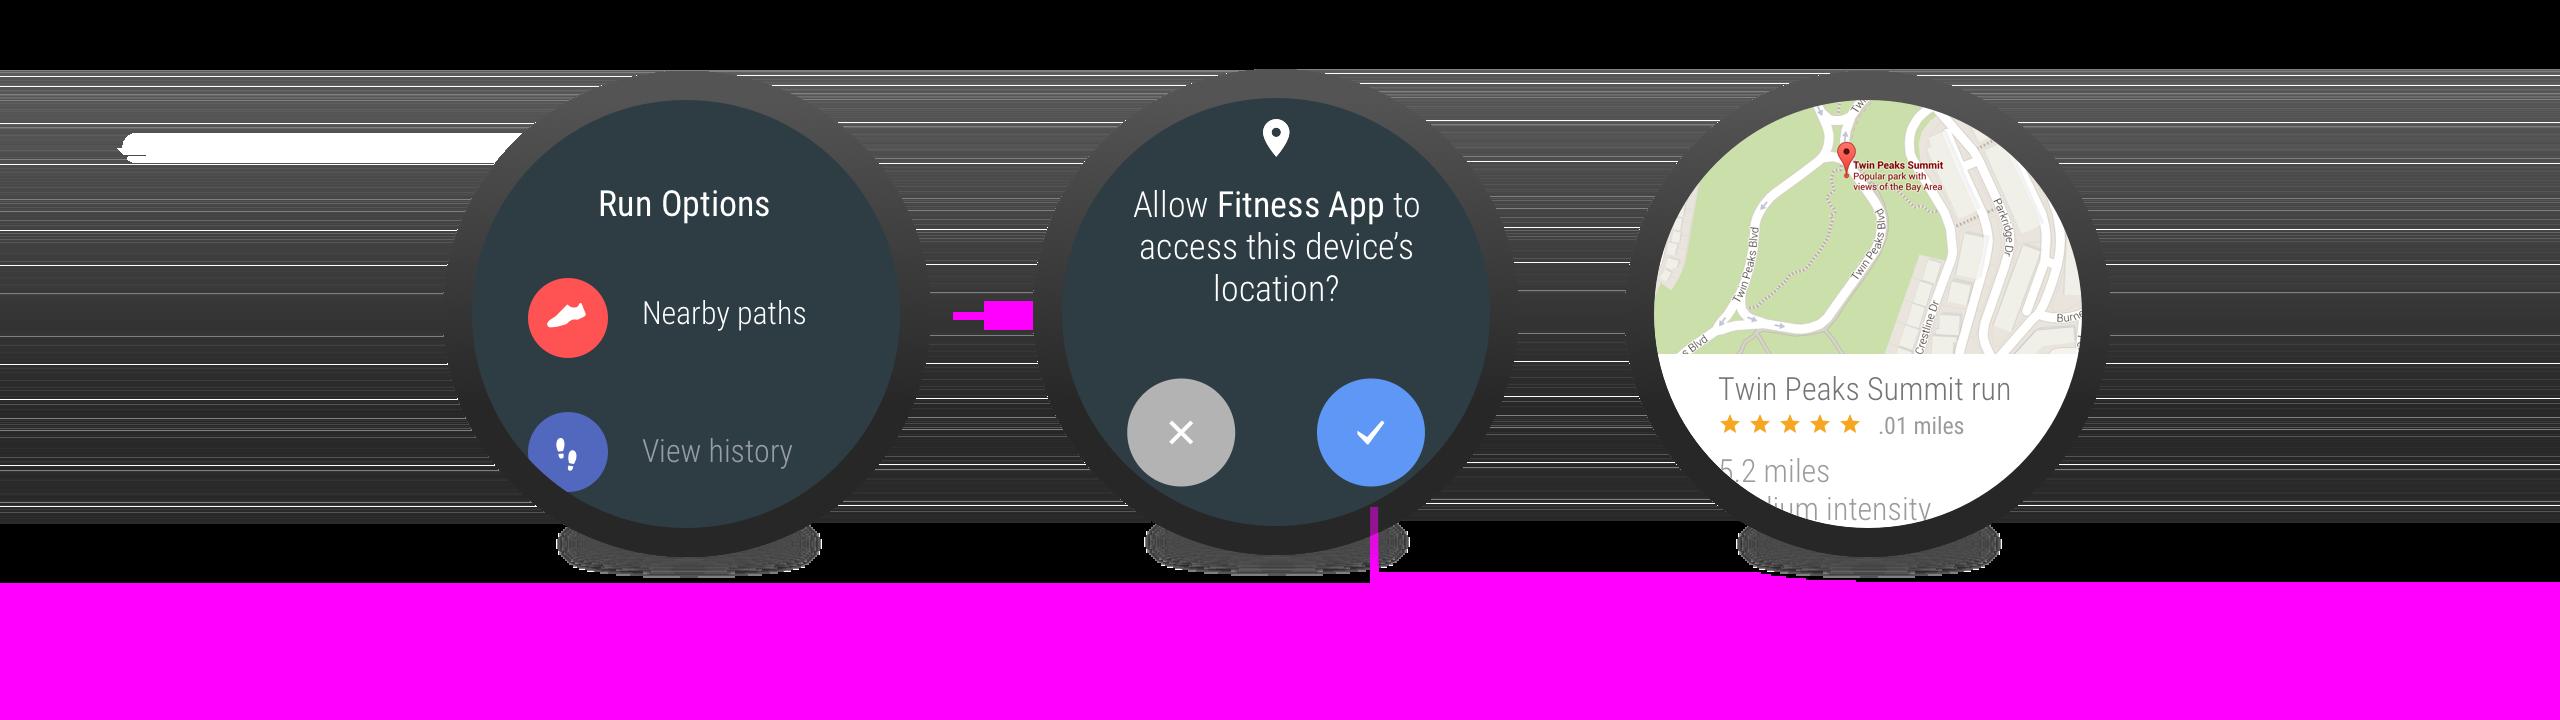 パーミッションの必要性が明白な場合、アプリはパーミッションをリクエストします。